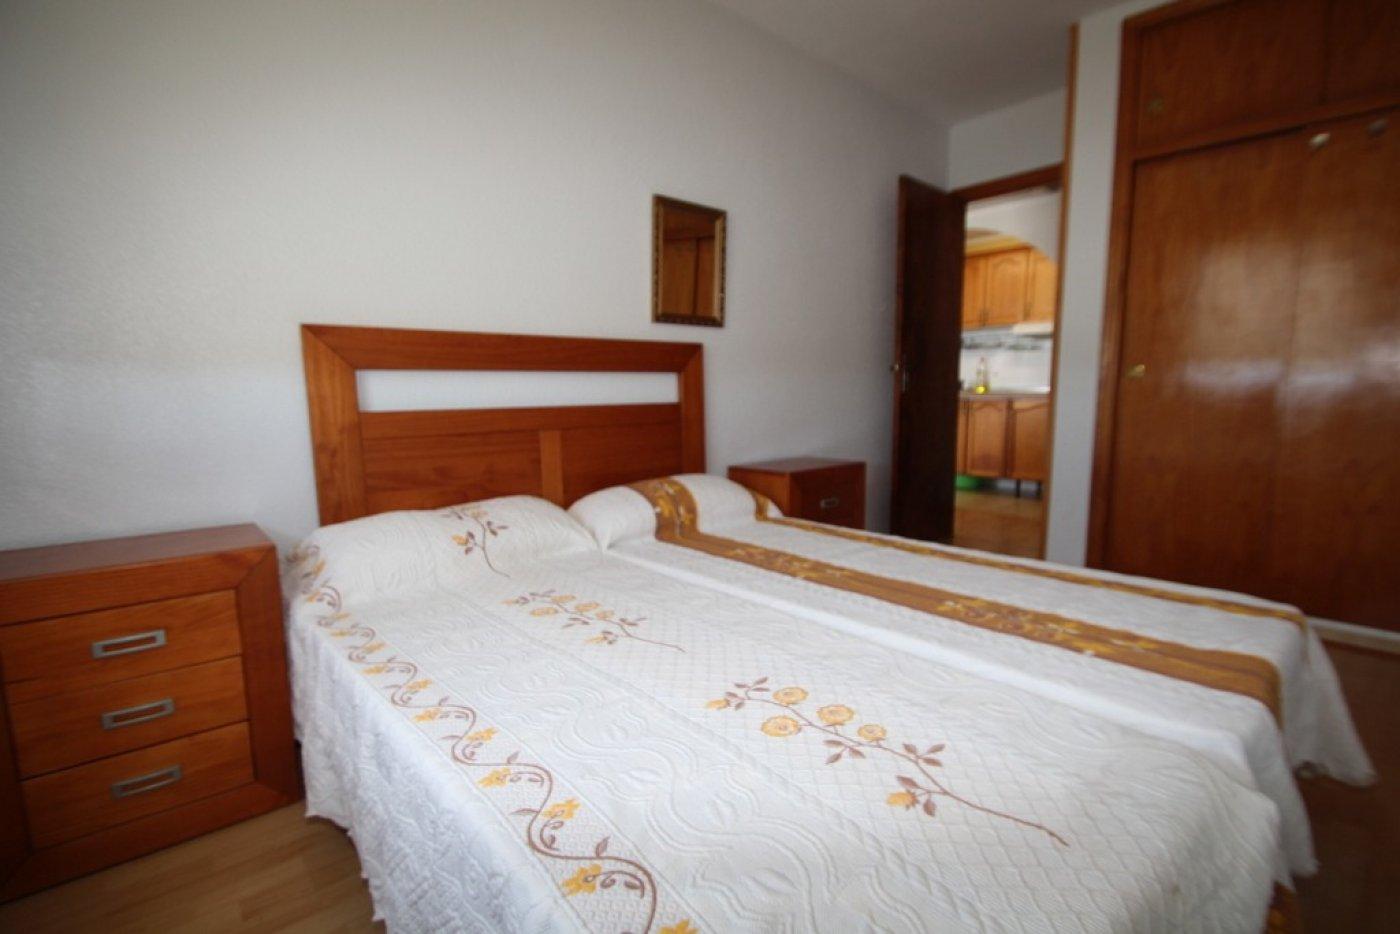 Propiedades en venta en Torrevieja, España image 7